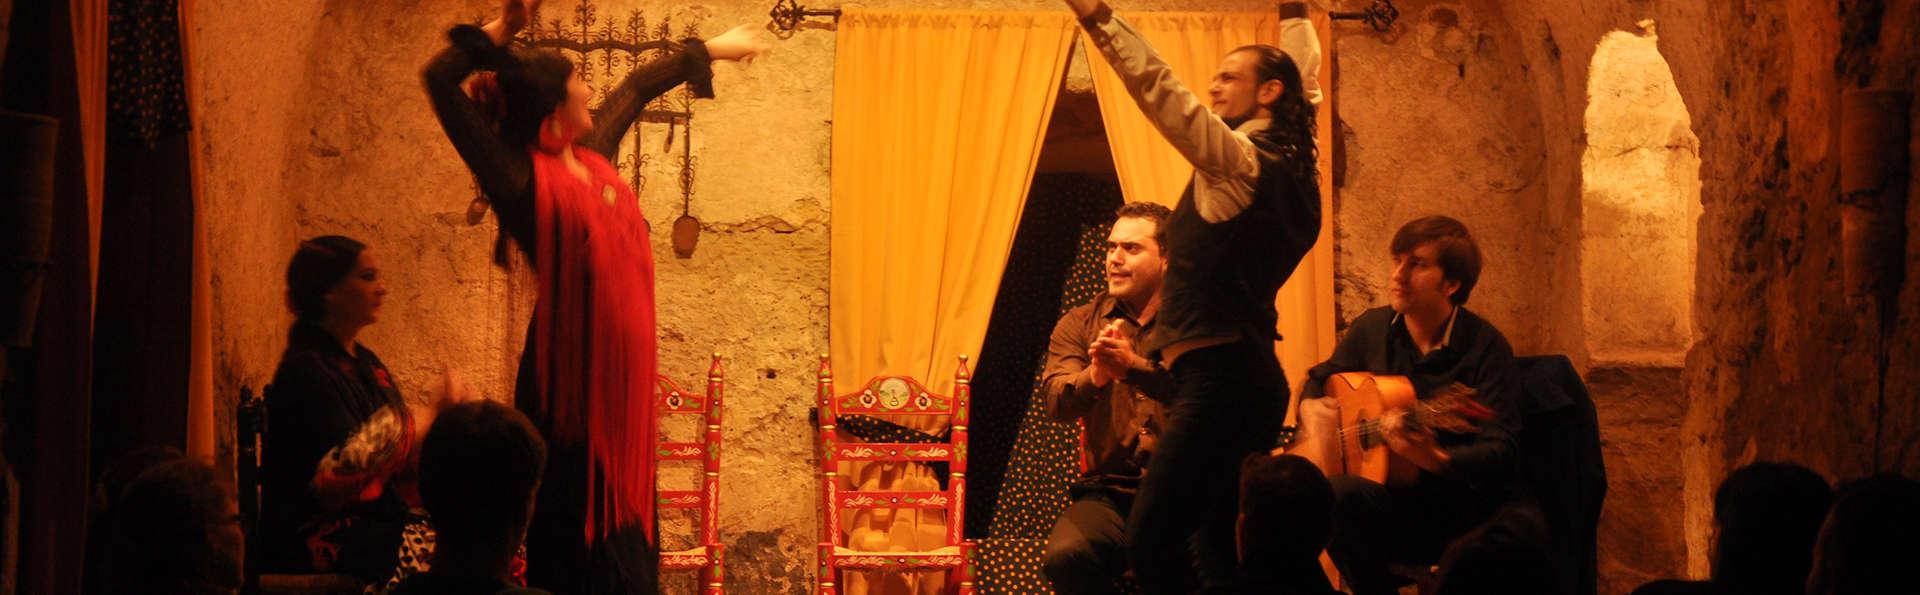 Escapada con espectáculo de flamenco en Córdoba